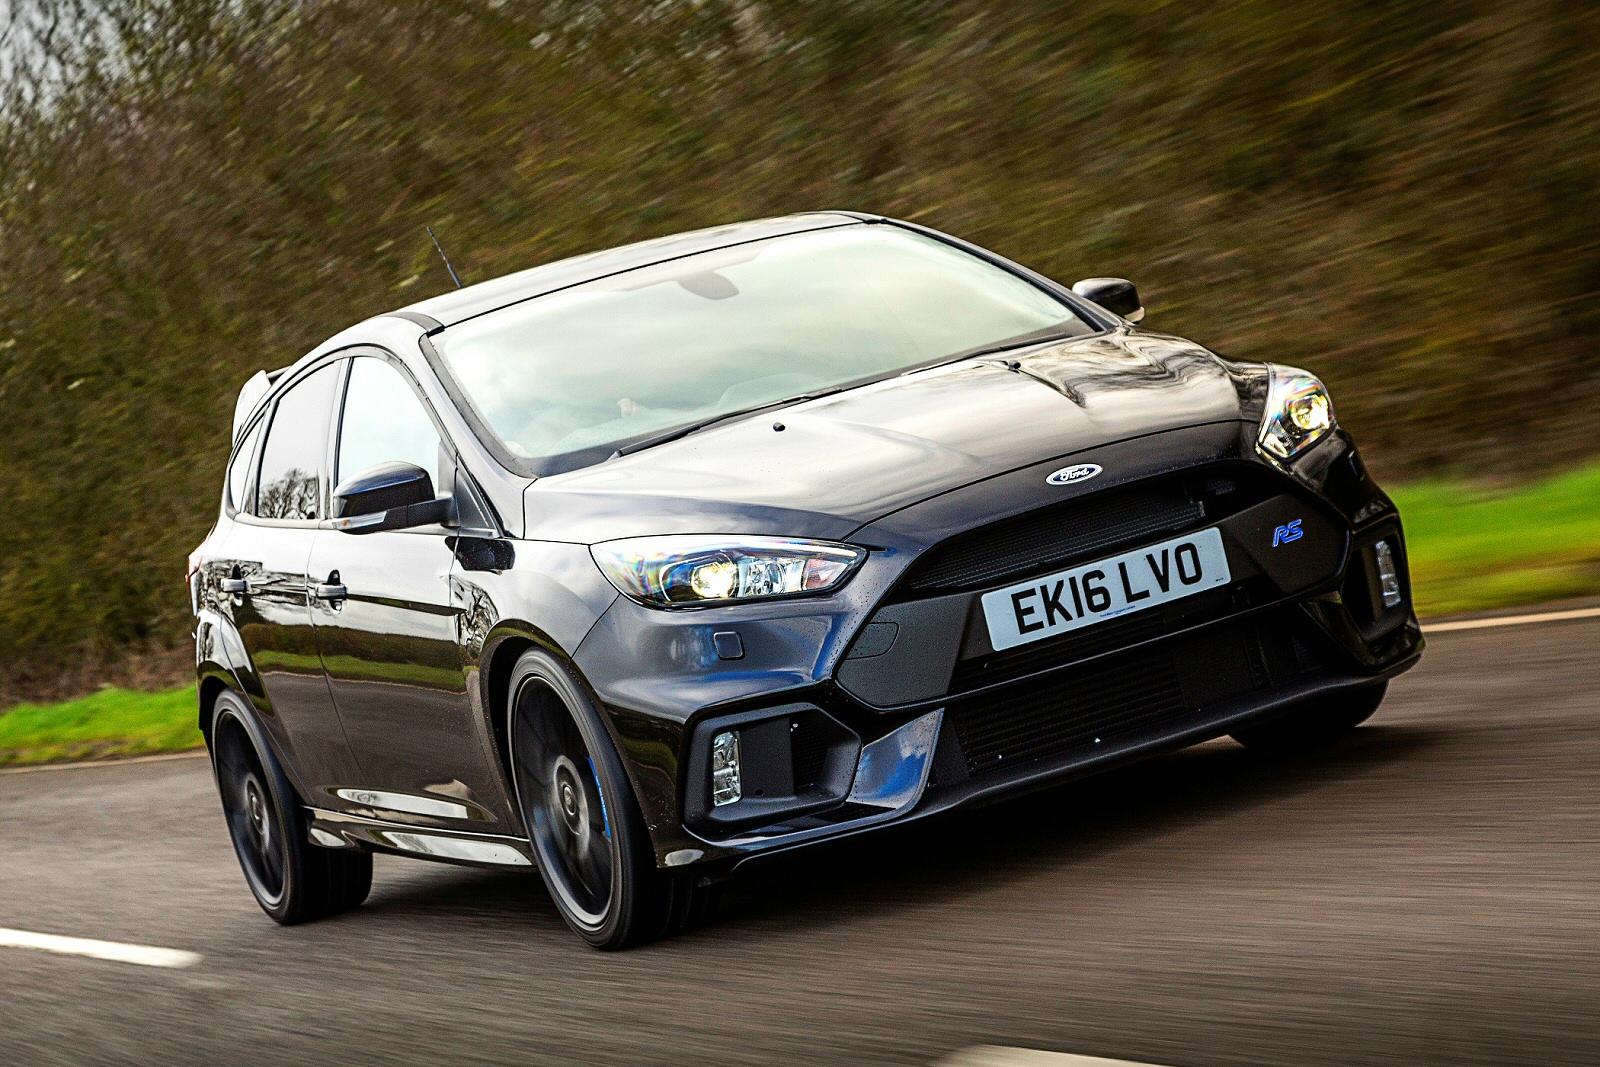 new ford focus rs 2 3 ecoboost 5dr petrol hatchback for. Black Bedroom Furniture Sets. Home Design Ideas